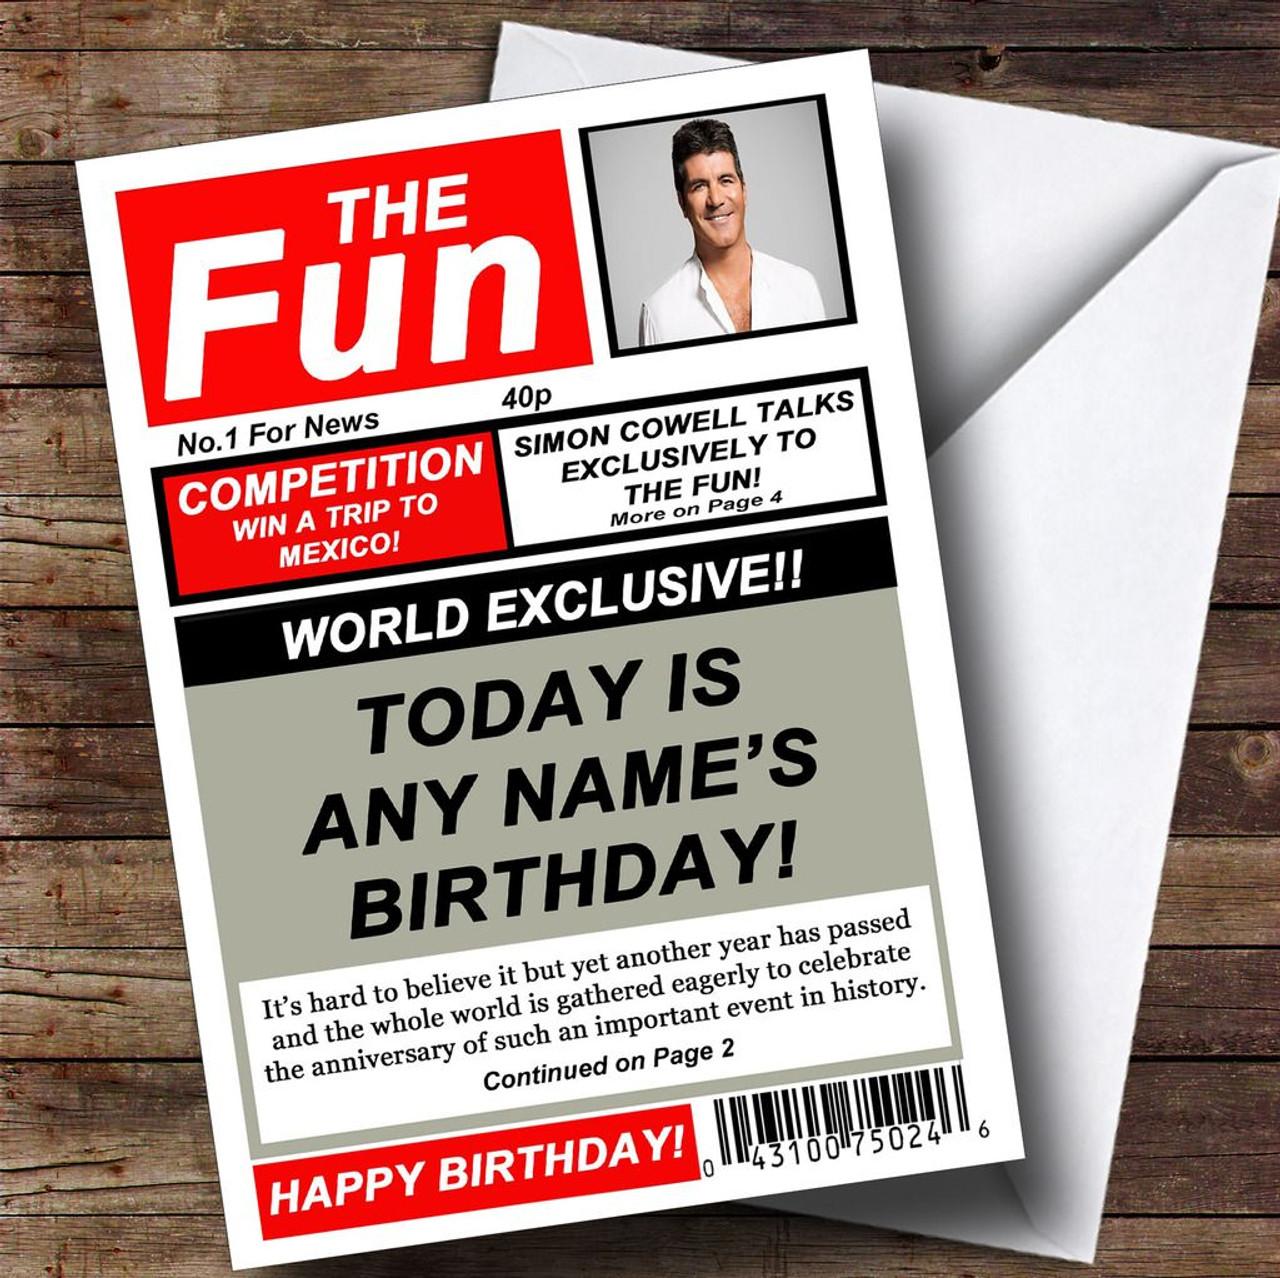 Funny joke spoof newspaper personalised birthday card the card zoo funny joke spoof newspaper personalised birthday card stopboris Images